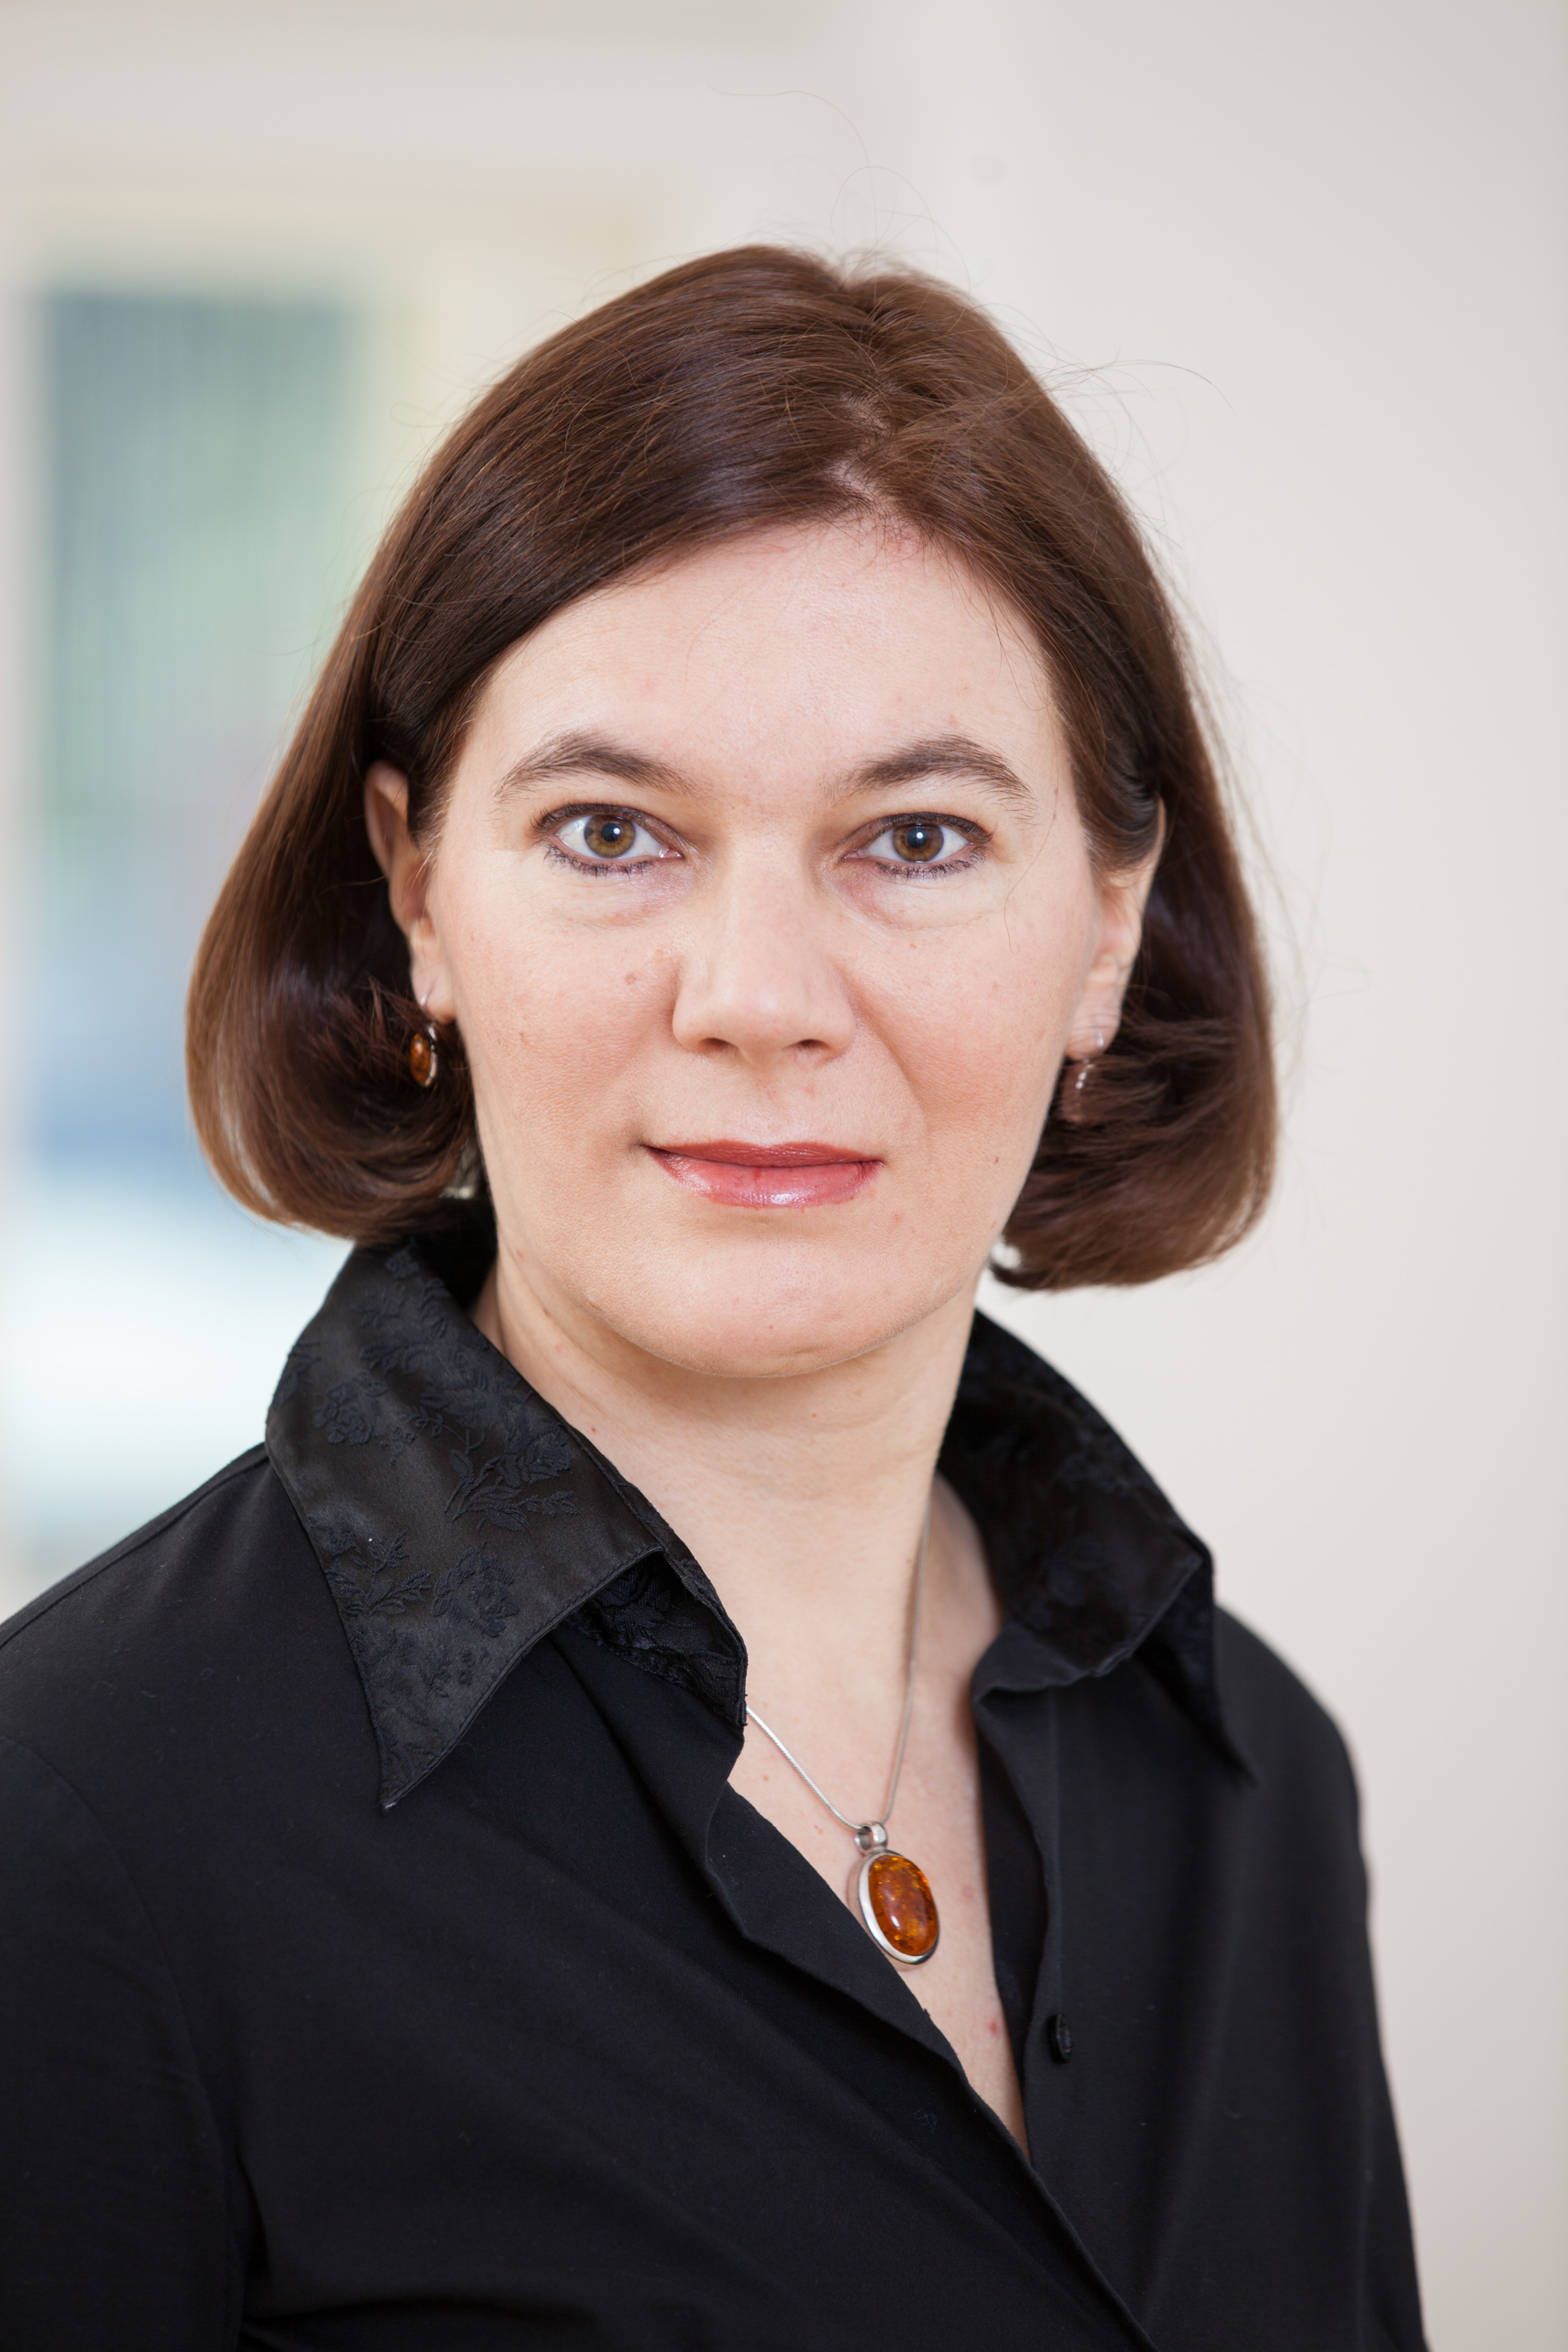 Gabriele Eylers - Teamentwicklung, Team Coaching, Business Coaching, Konfliktklärung, Mediation, Training